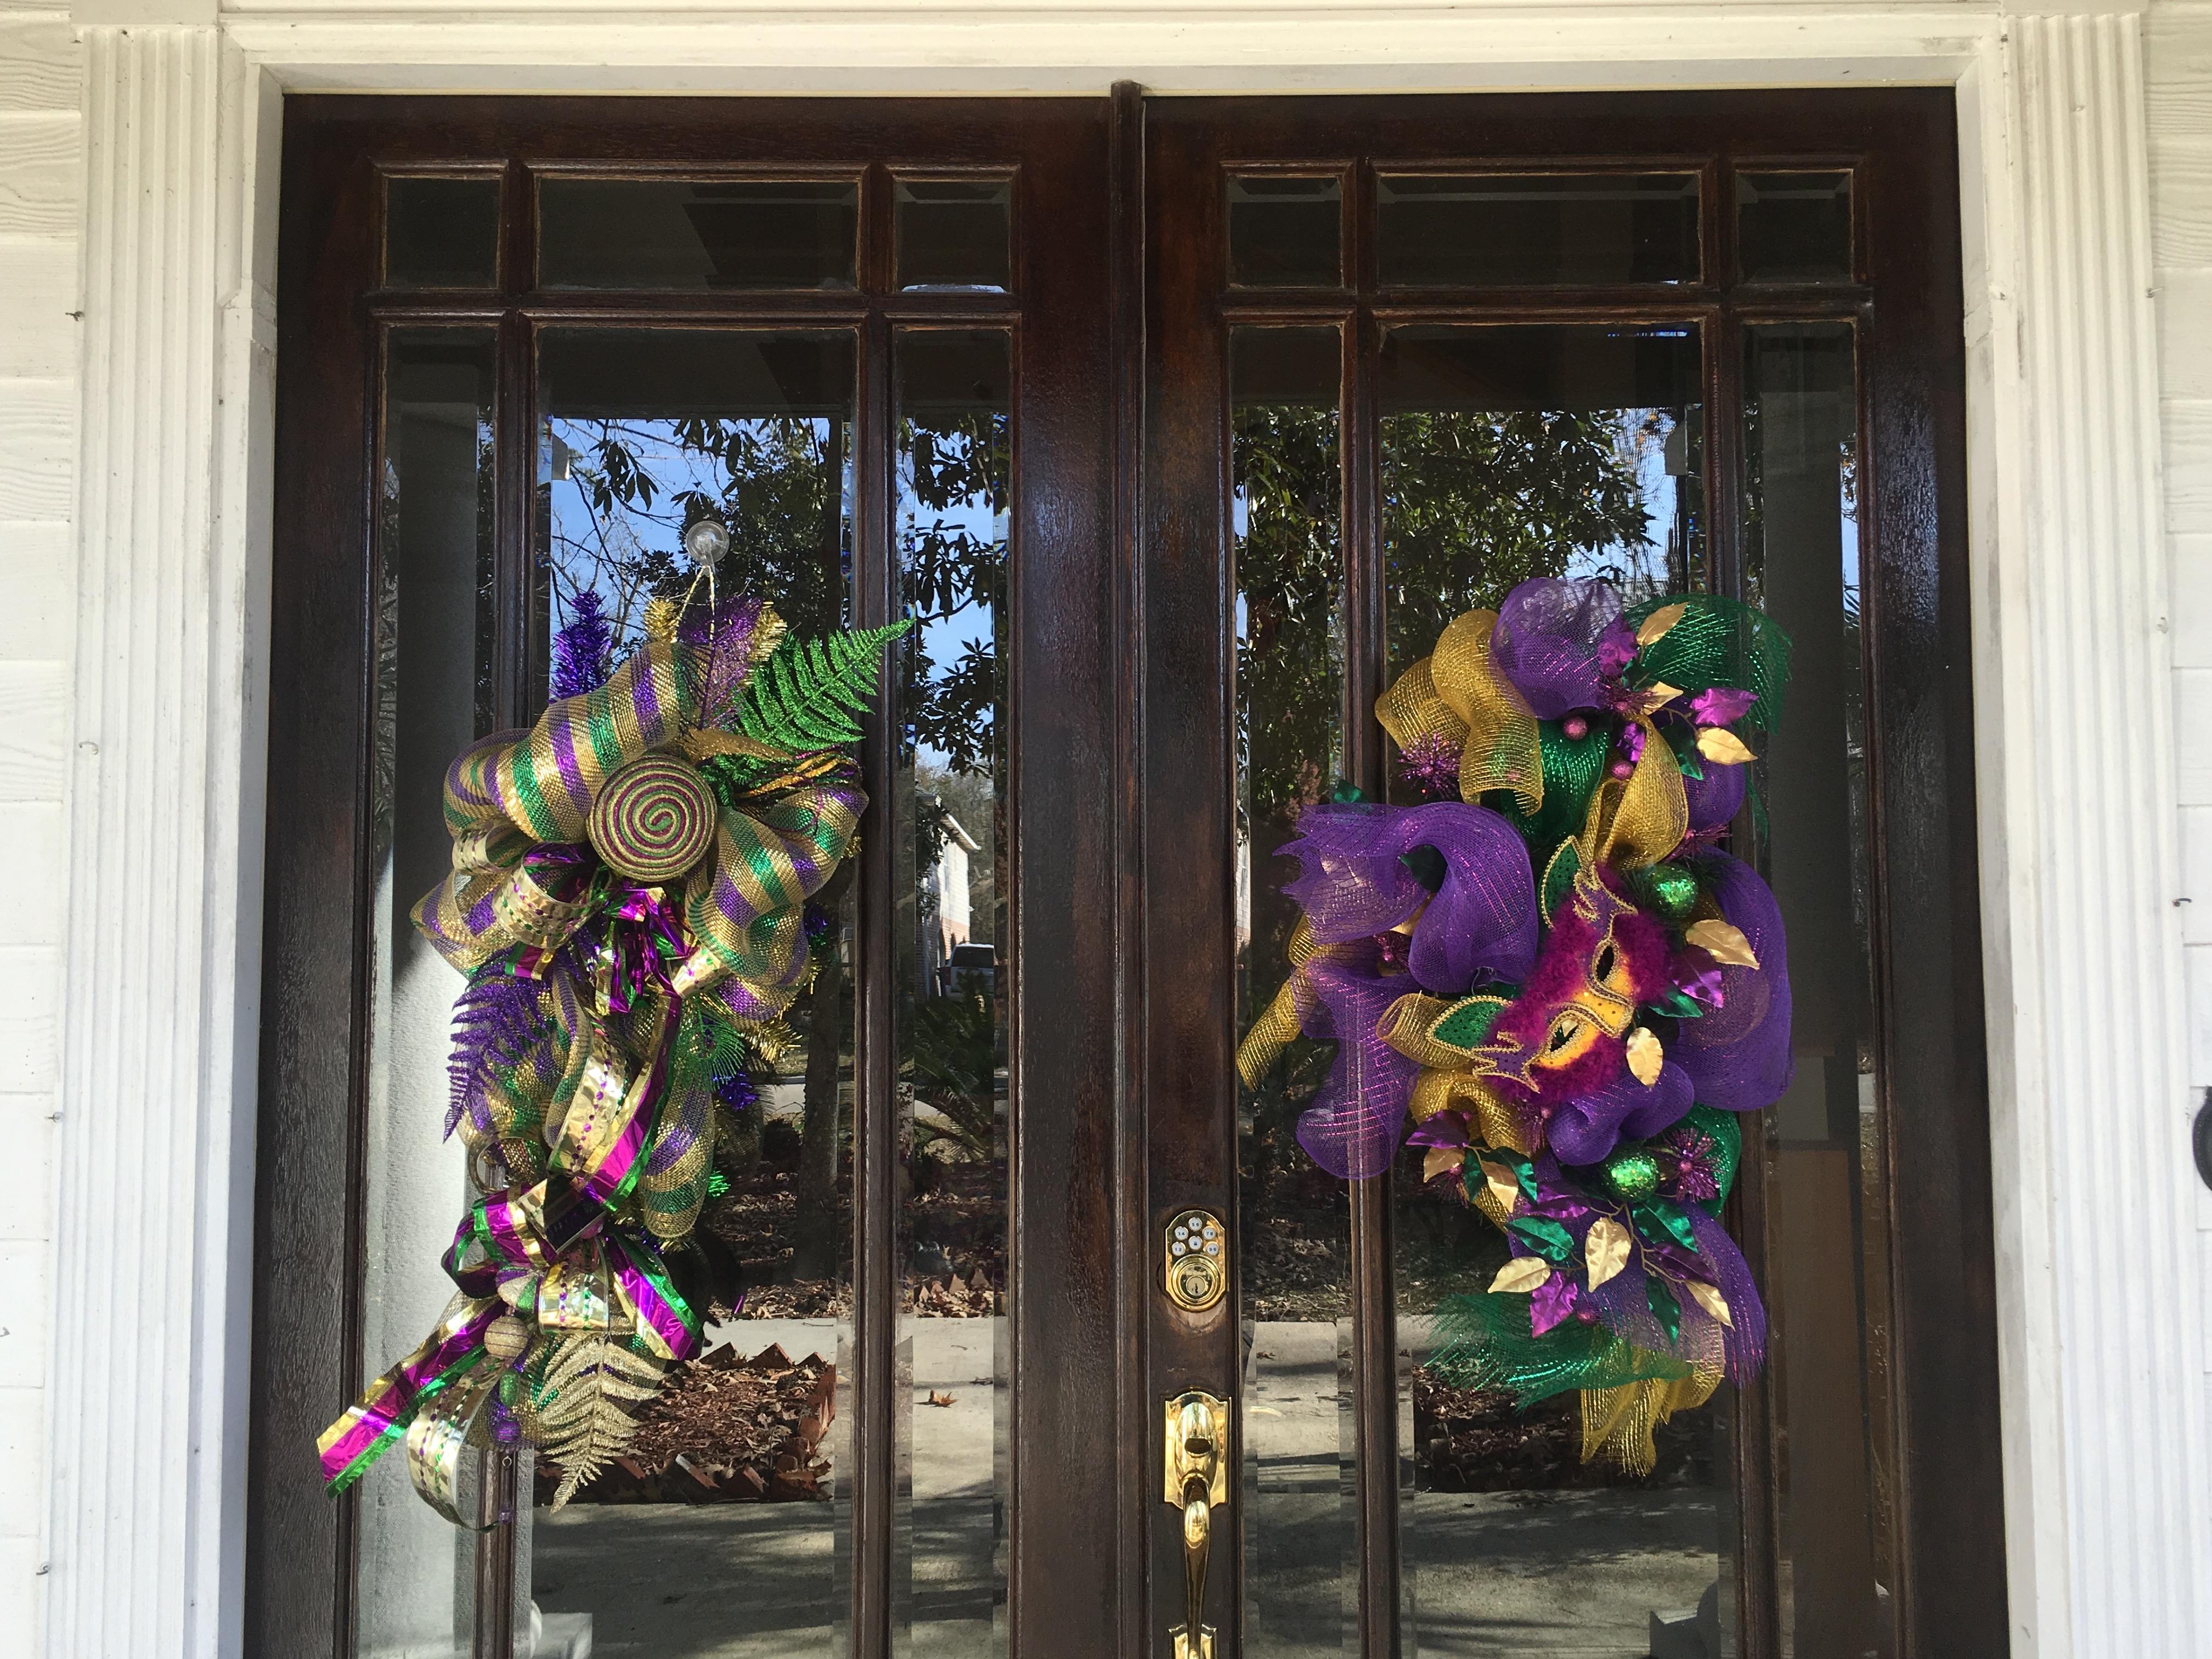 Mardi Gras door wreaths